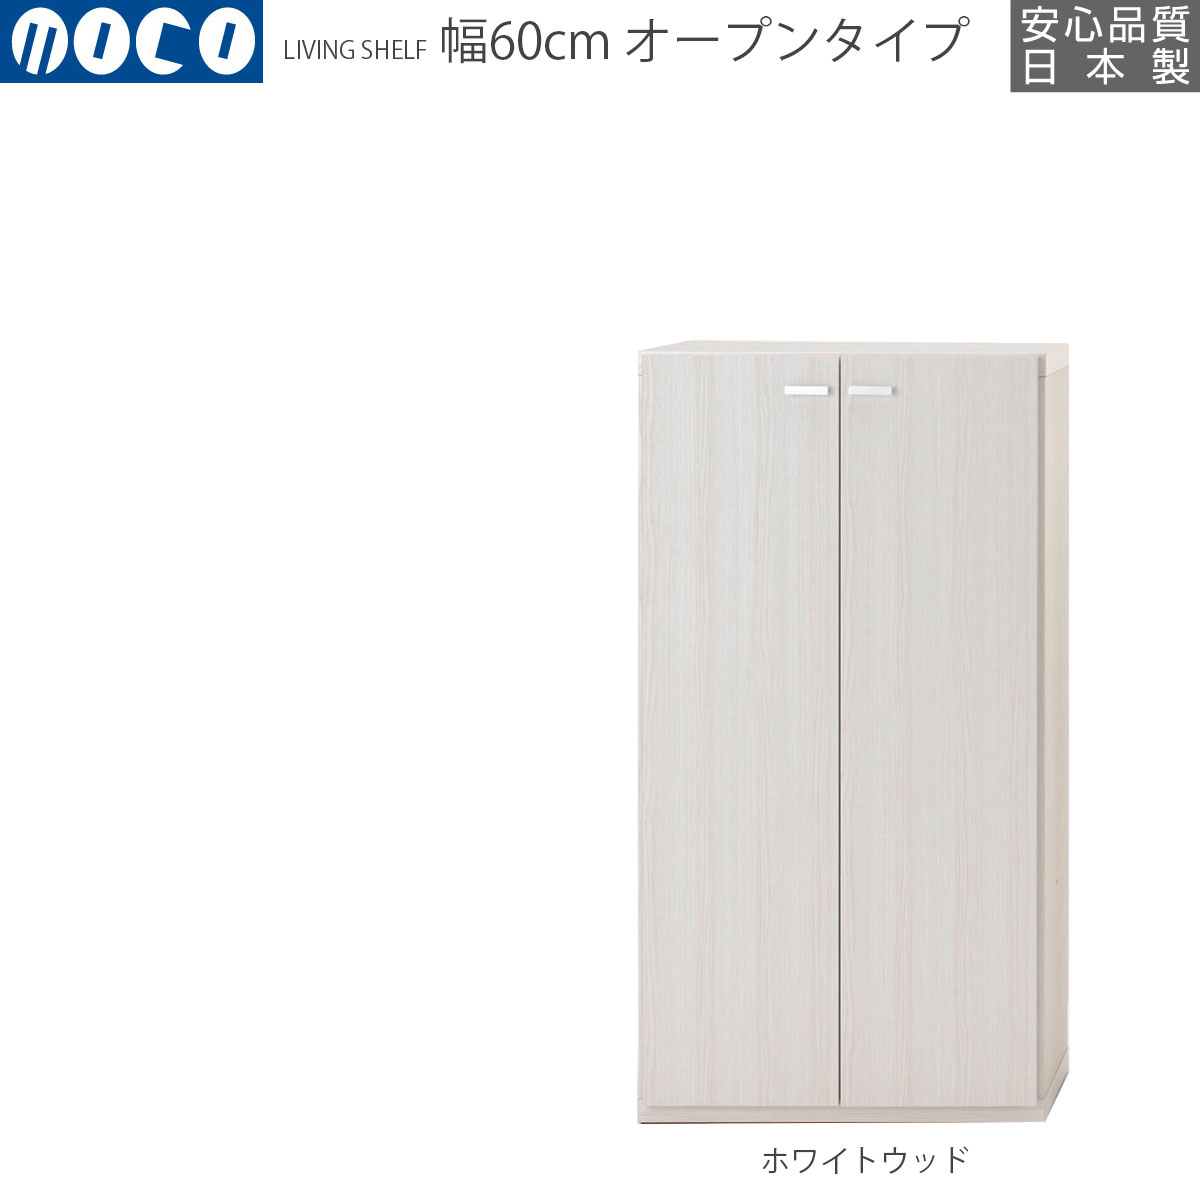 本棚 完成品 フナモコ リビングシェルフ 扉付き 幅60×高さ113.8cm ホワイトウッド KFS-60 日本製 国産